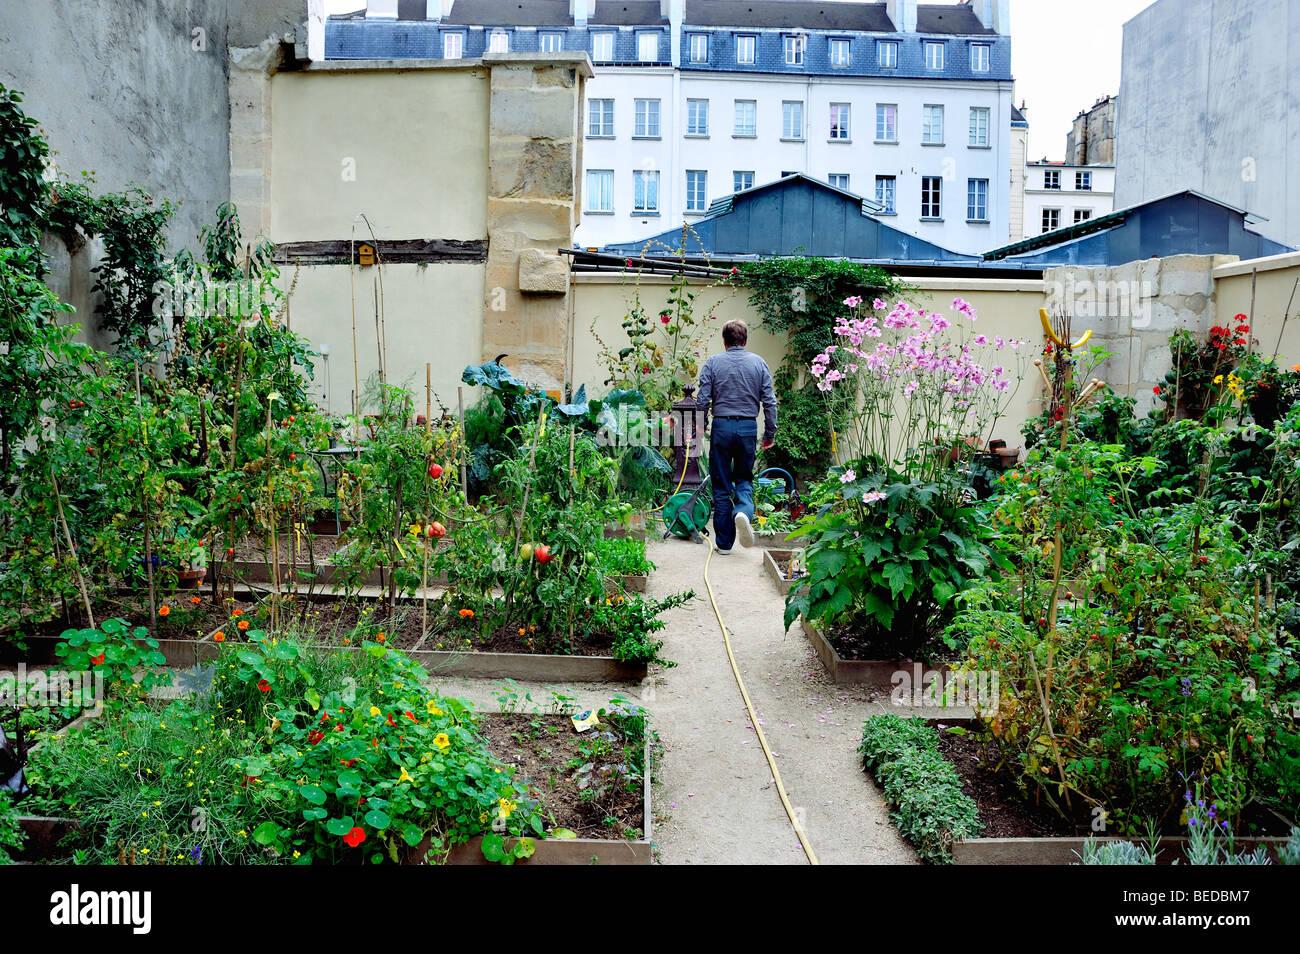 """Paris, France - Man Visiting Community Garden in the Le marais District, (Near the """"Marche des Enfants Rouge"""") Stock Photo"""